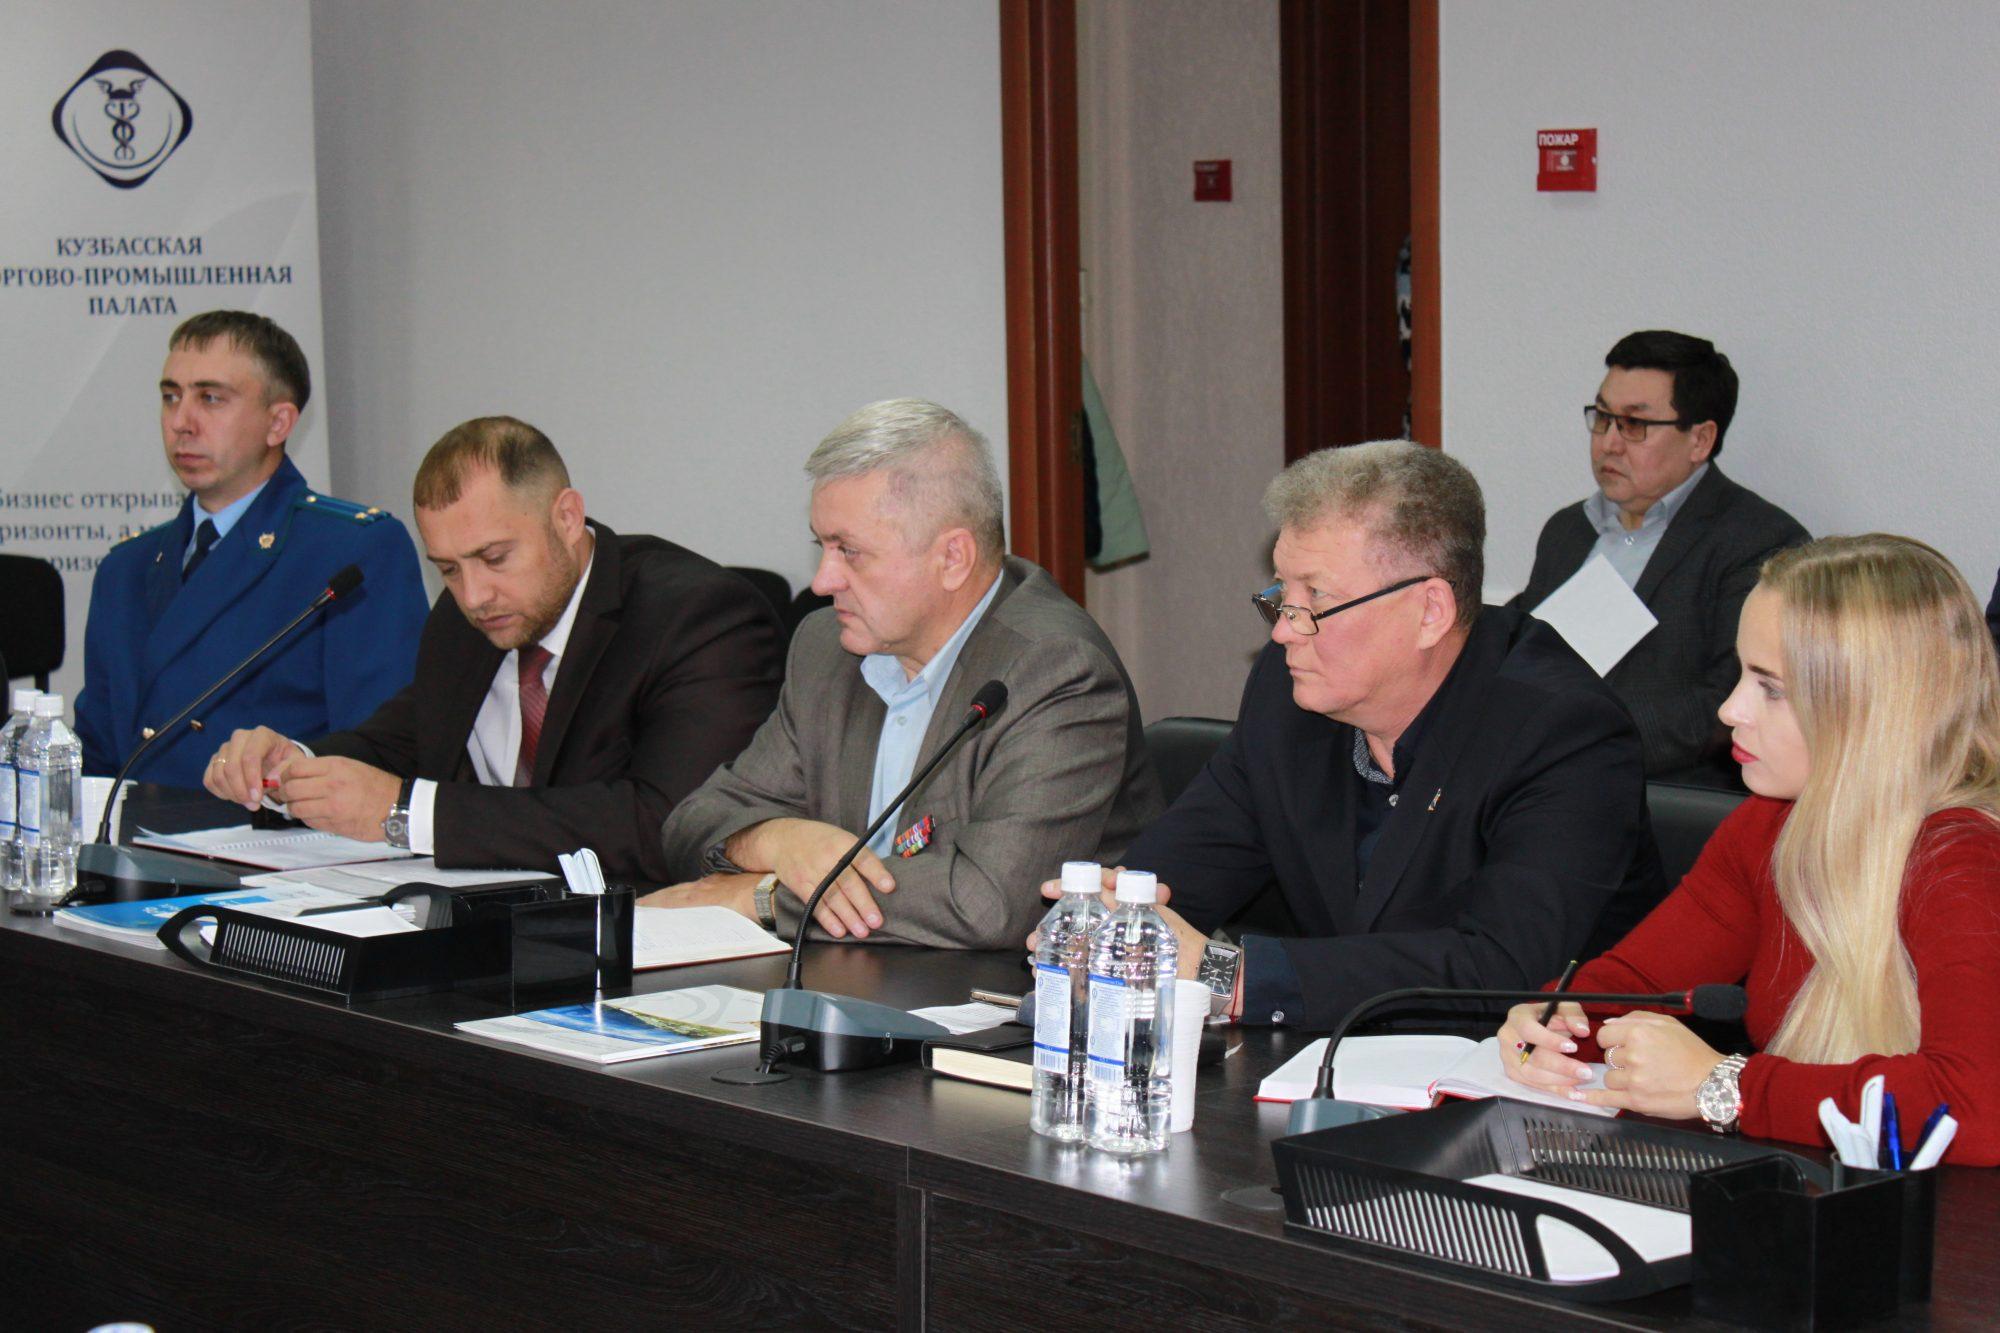 Кузбасс: На заседании Комитета ТПП по безопасности предпринимательской деятельности обсудили проблемы выполнения установленных правовыми актами требований к частным охранным организациям   ГардИнфо